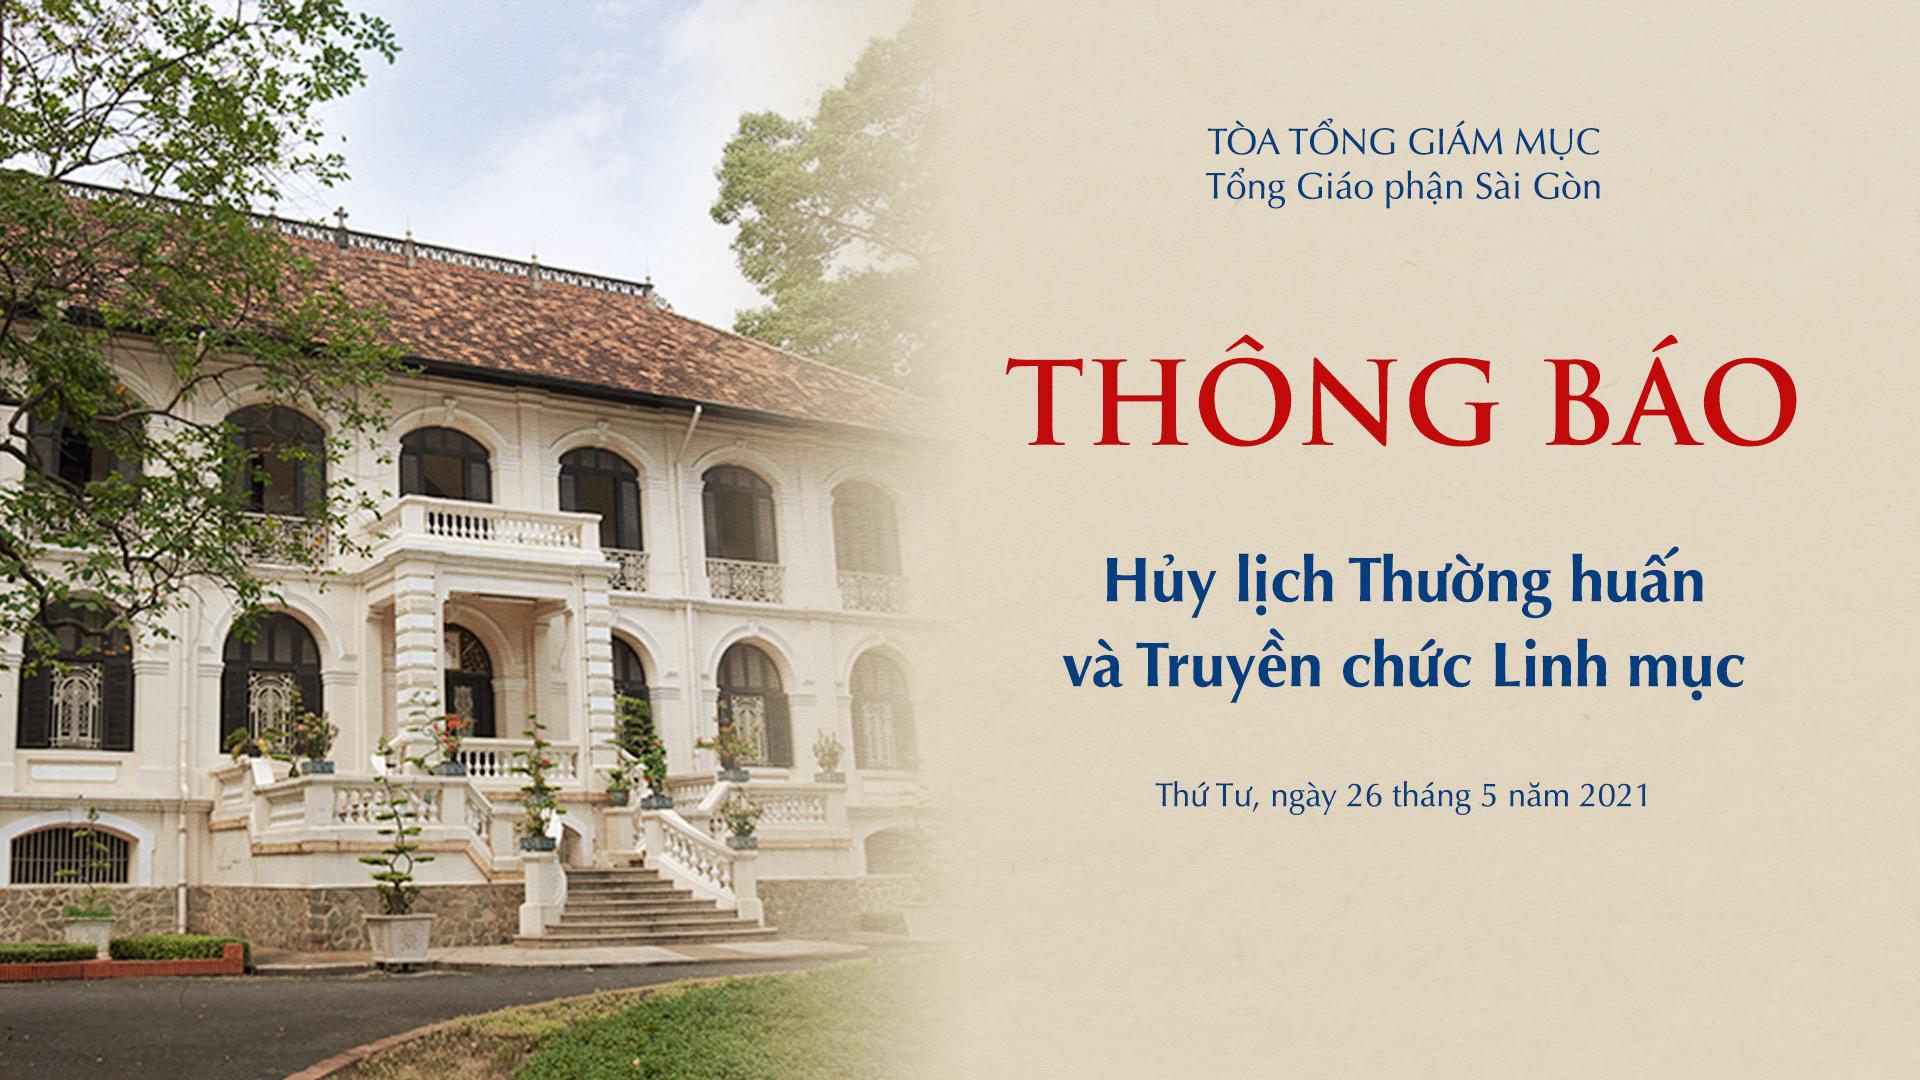 Tòa Tổng Giám mục Sài Gòn: Hủy lịch Thường huấn và Truyền chức Linh mục